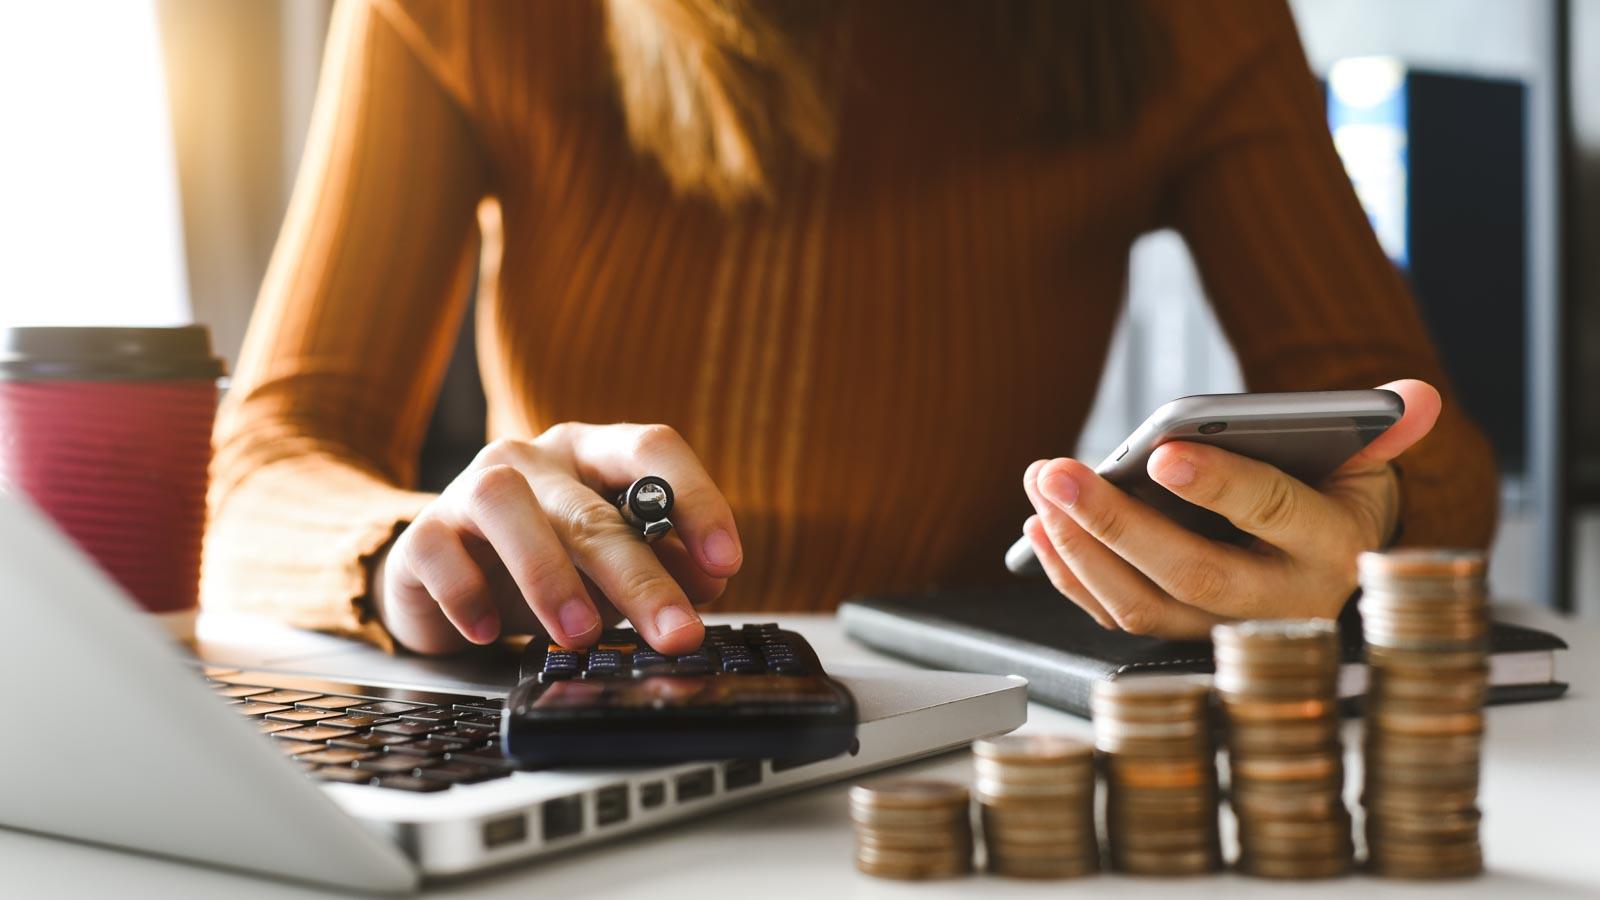 Junge Frau mit Handy, Taschenrechner und Laptop, im Vordergrund Münzstapel